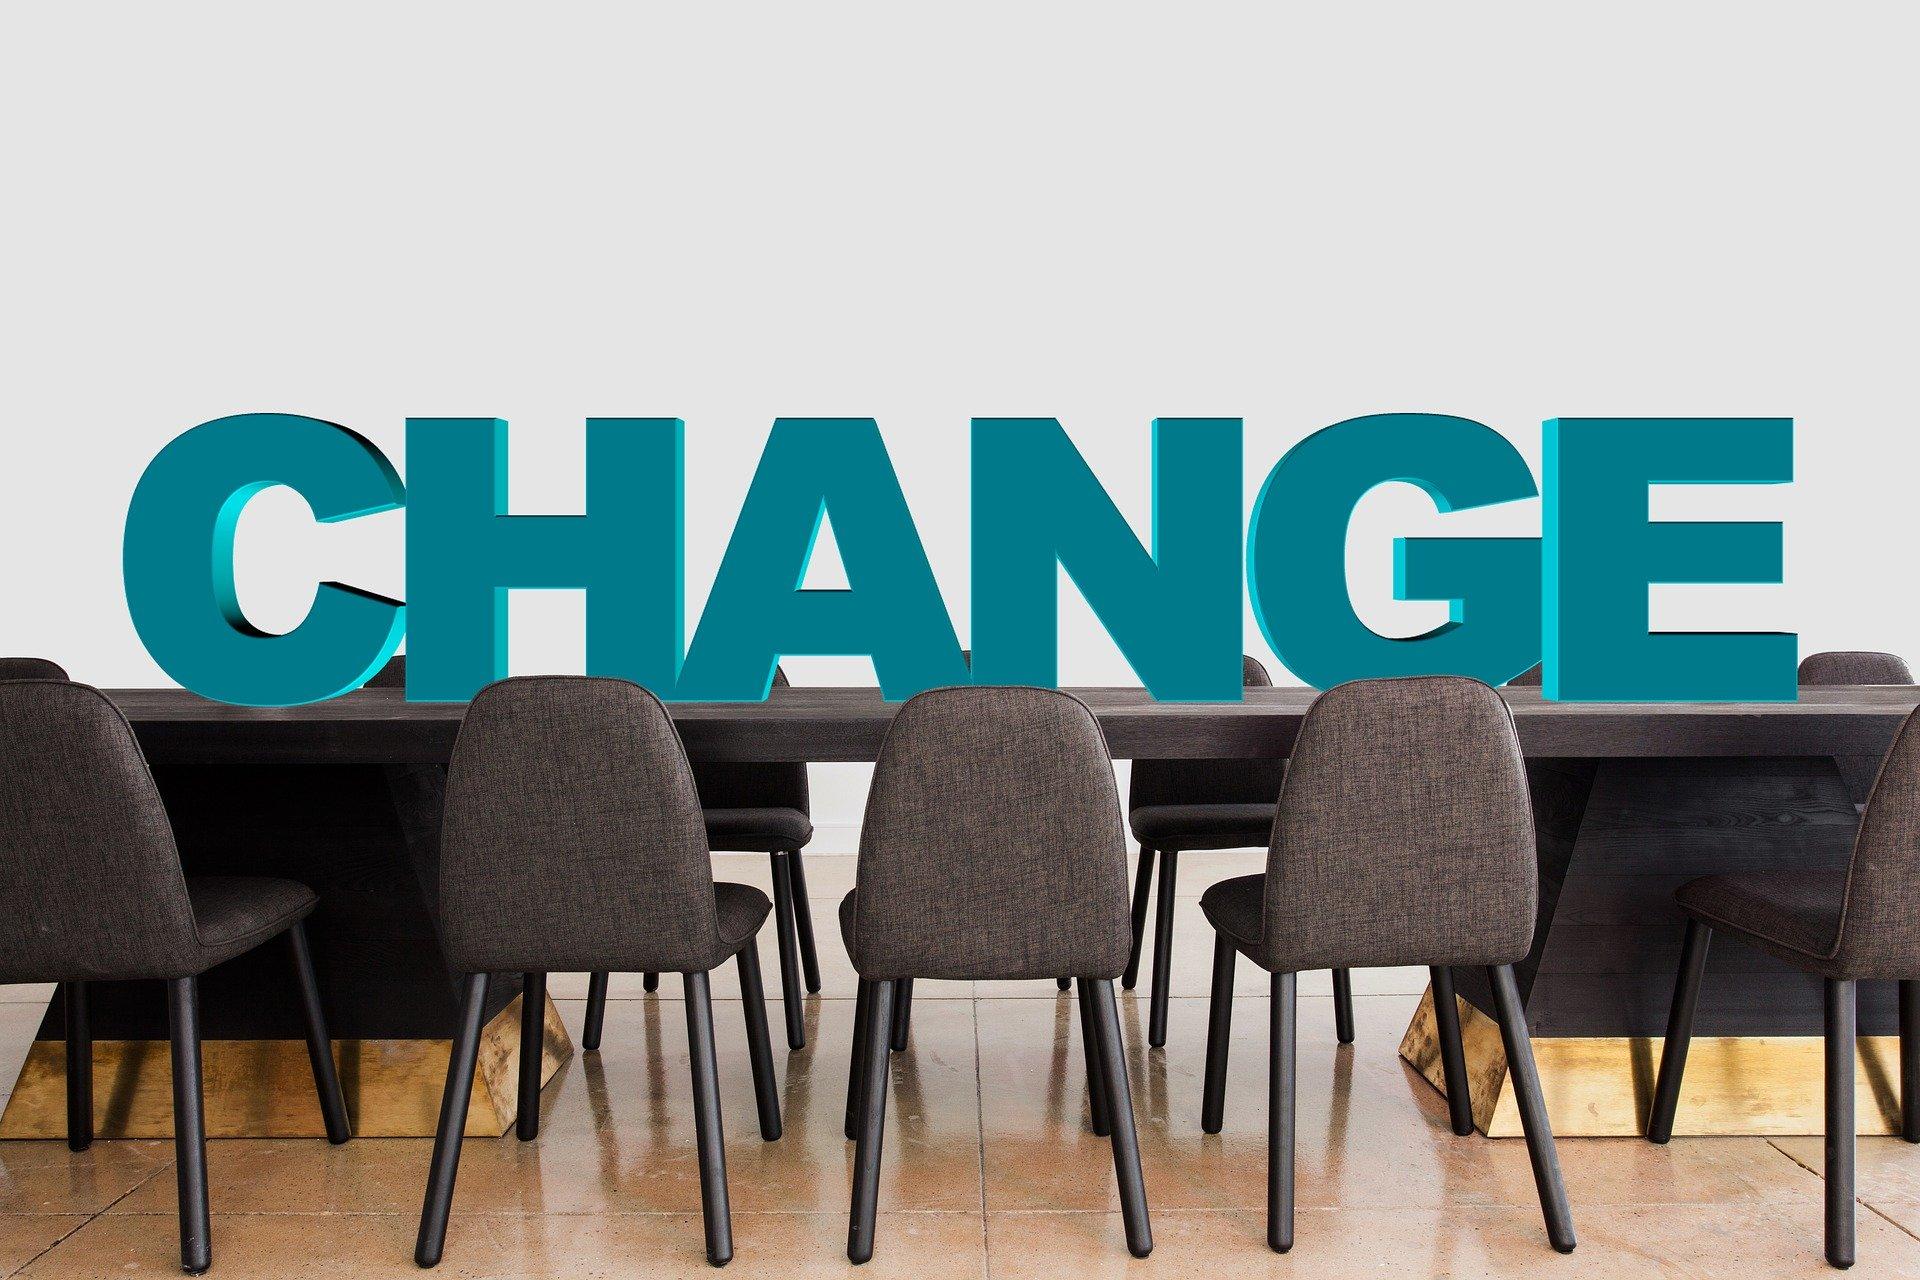 指示待ち人間を改善する方法【変わりたいなら行動しよう】